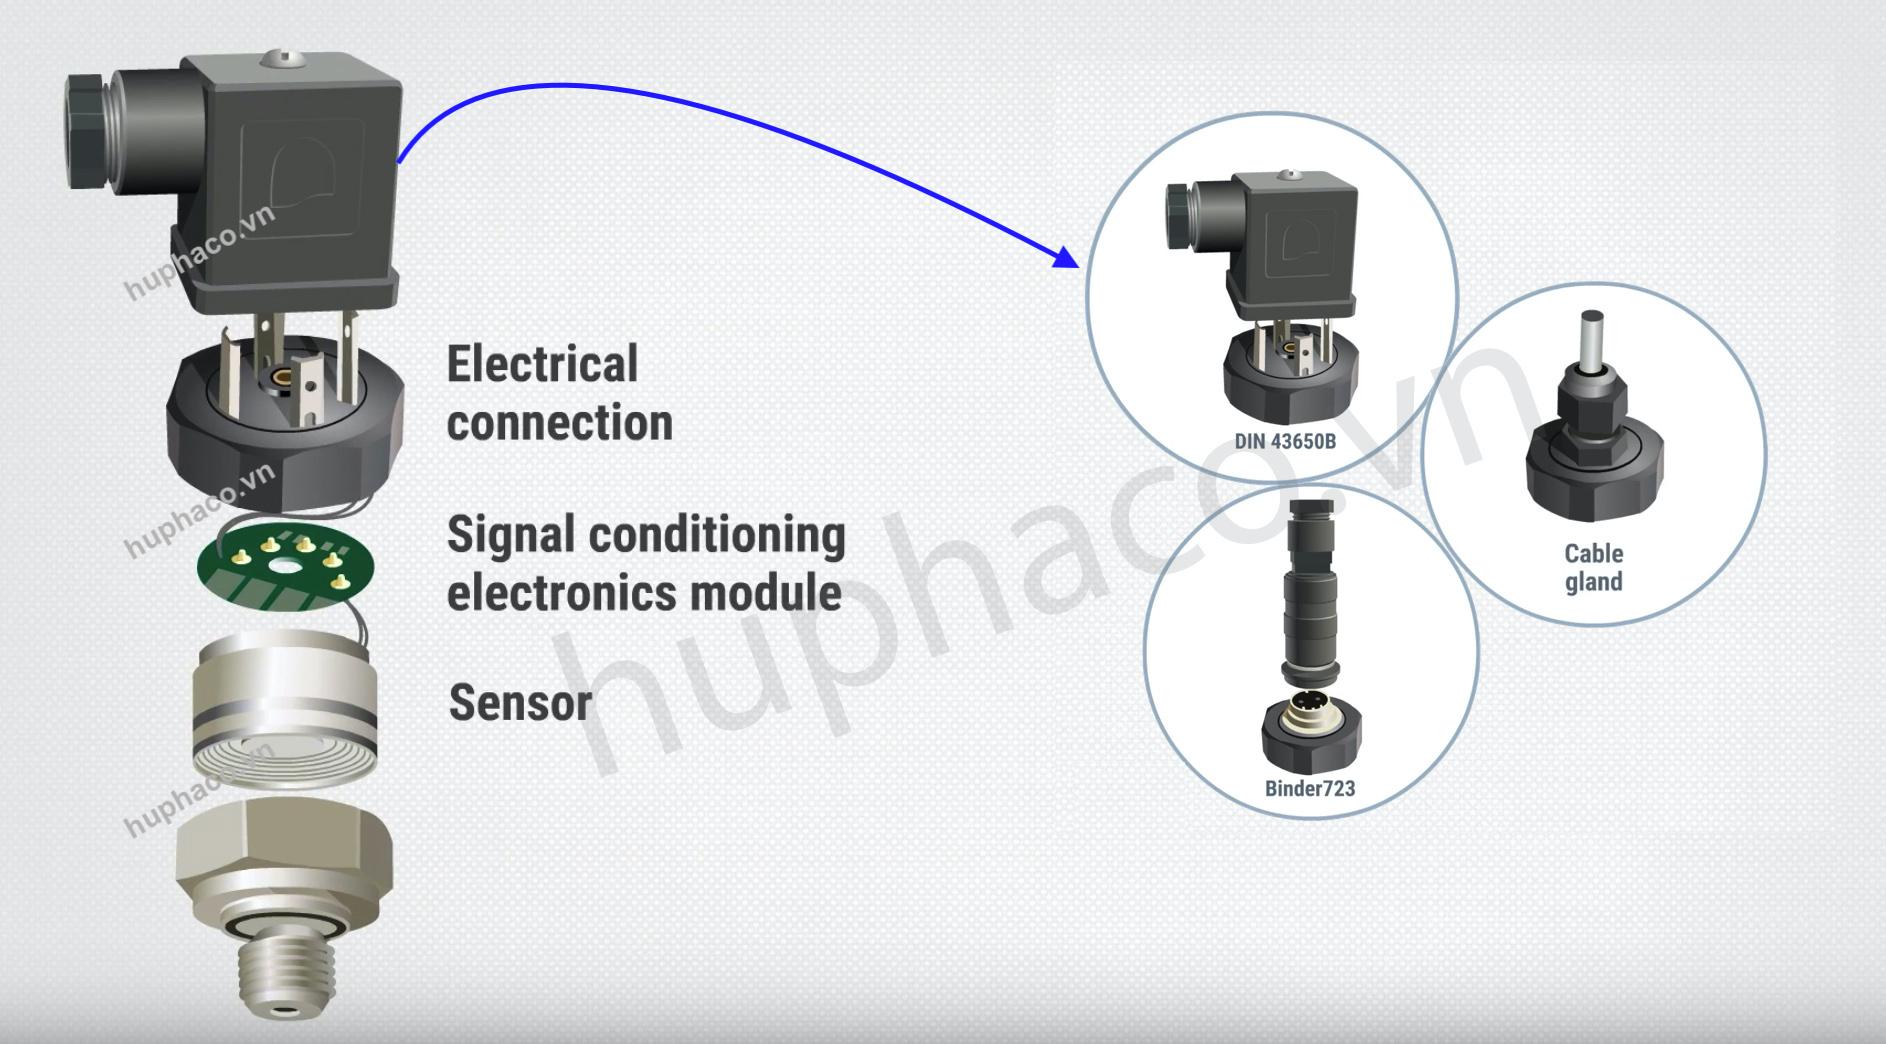 kết nối điện ngõ ra cảm biến áp suất